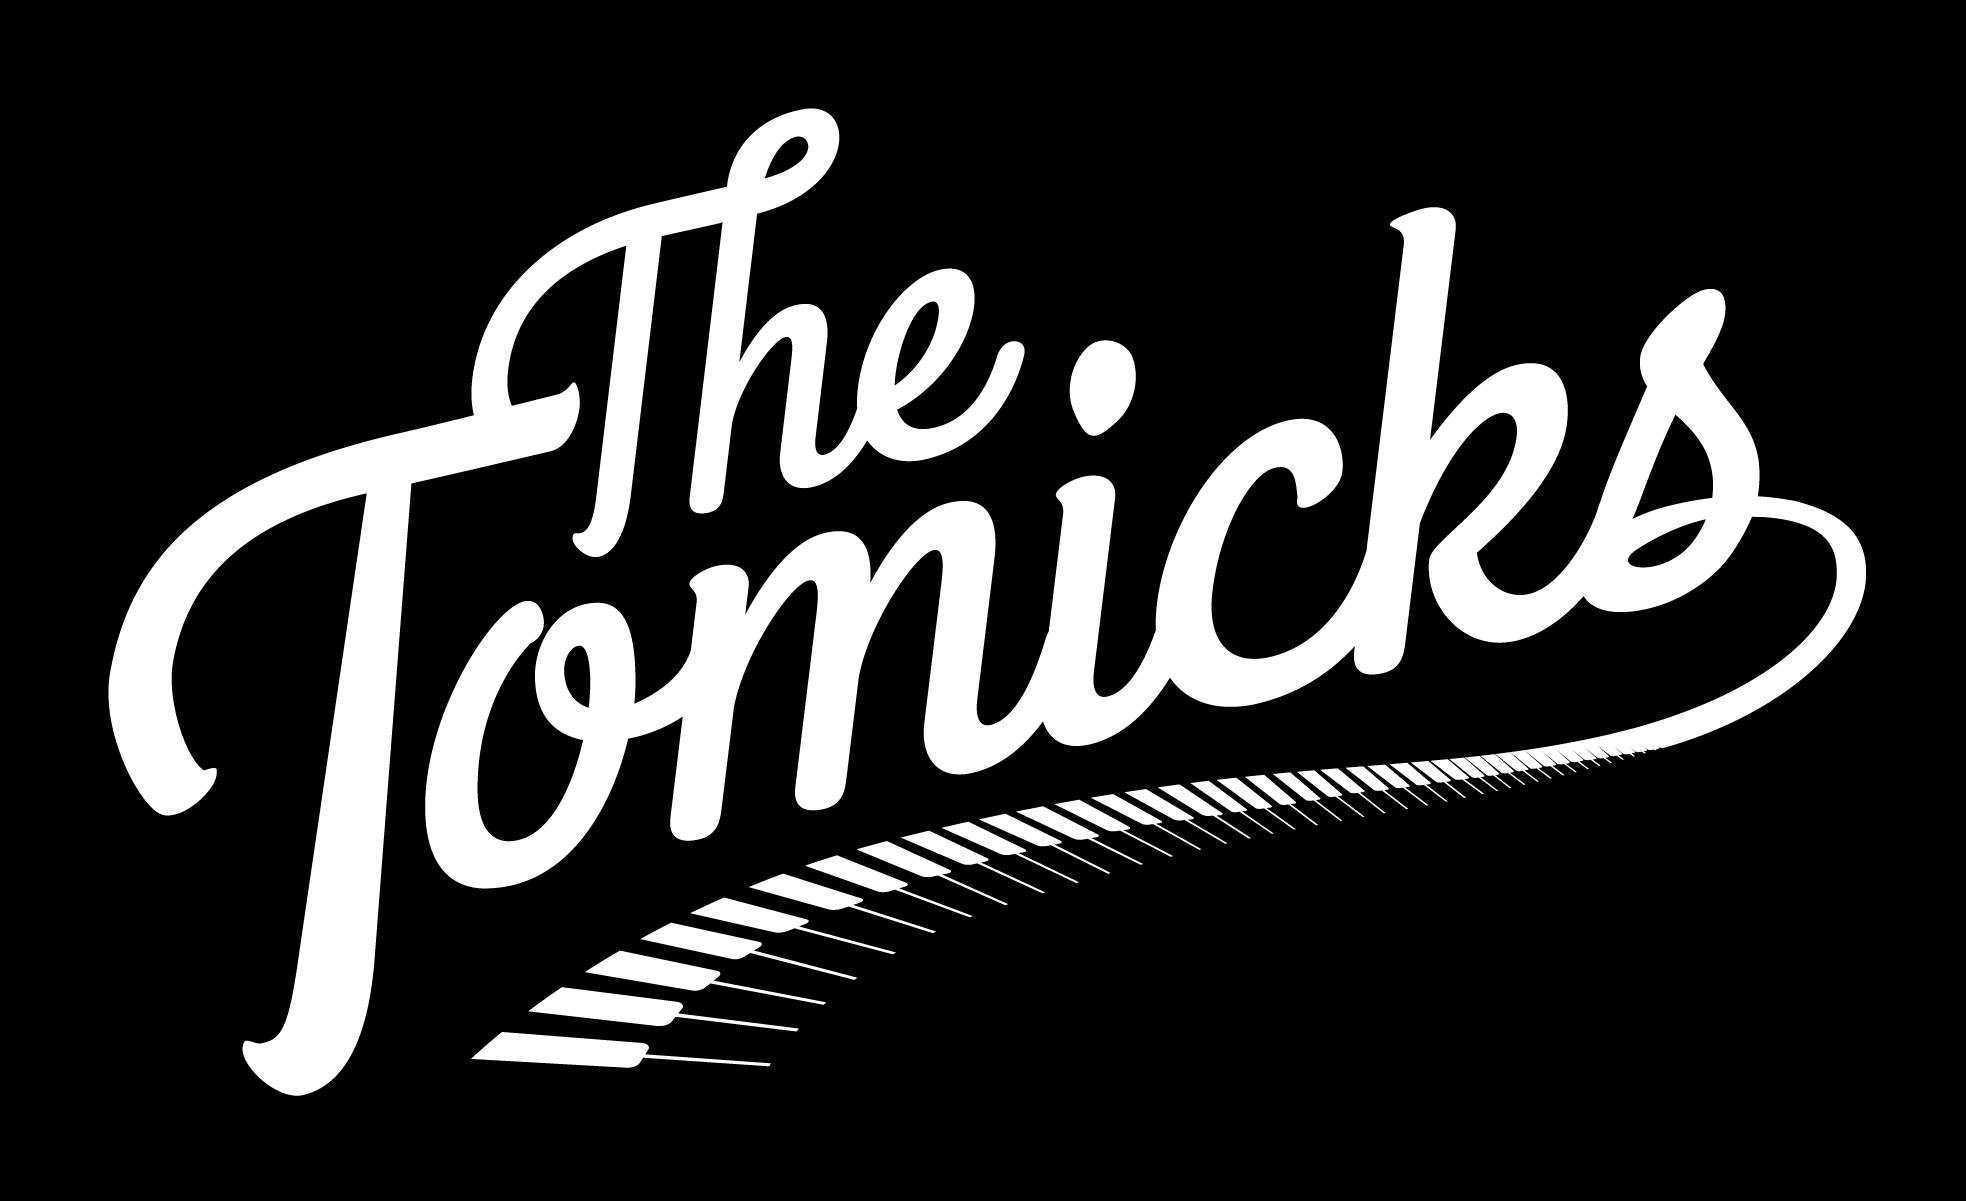 tomicks-keyboard-reversed.jpg